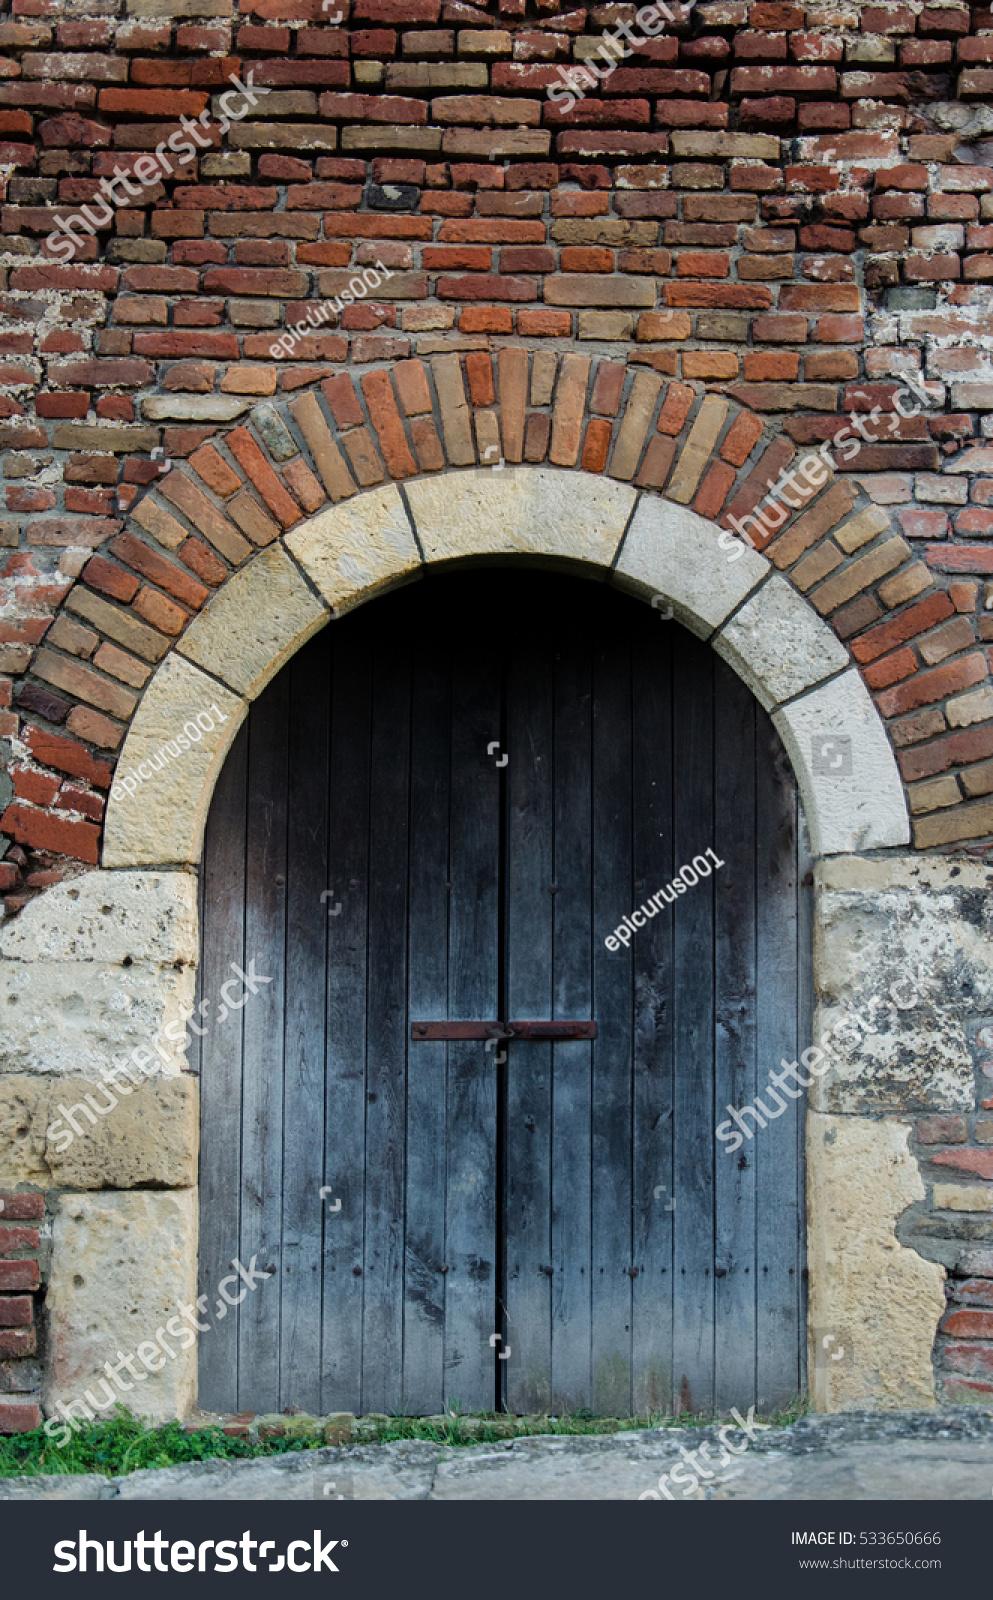 Dungeon Door Terraria Ste Dungeon Doors 28mm For Dungeon Doors This Is A Very Good Price & Terraria Doors Disappearing u0026 Ste\\\\\\\\u0026unk Door Terraria ... pezcame.com